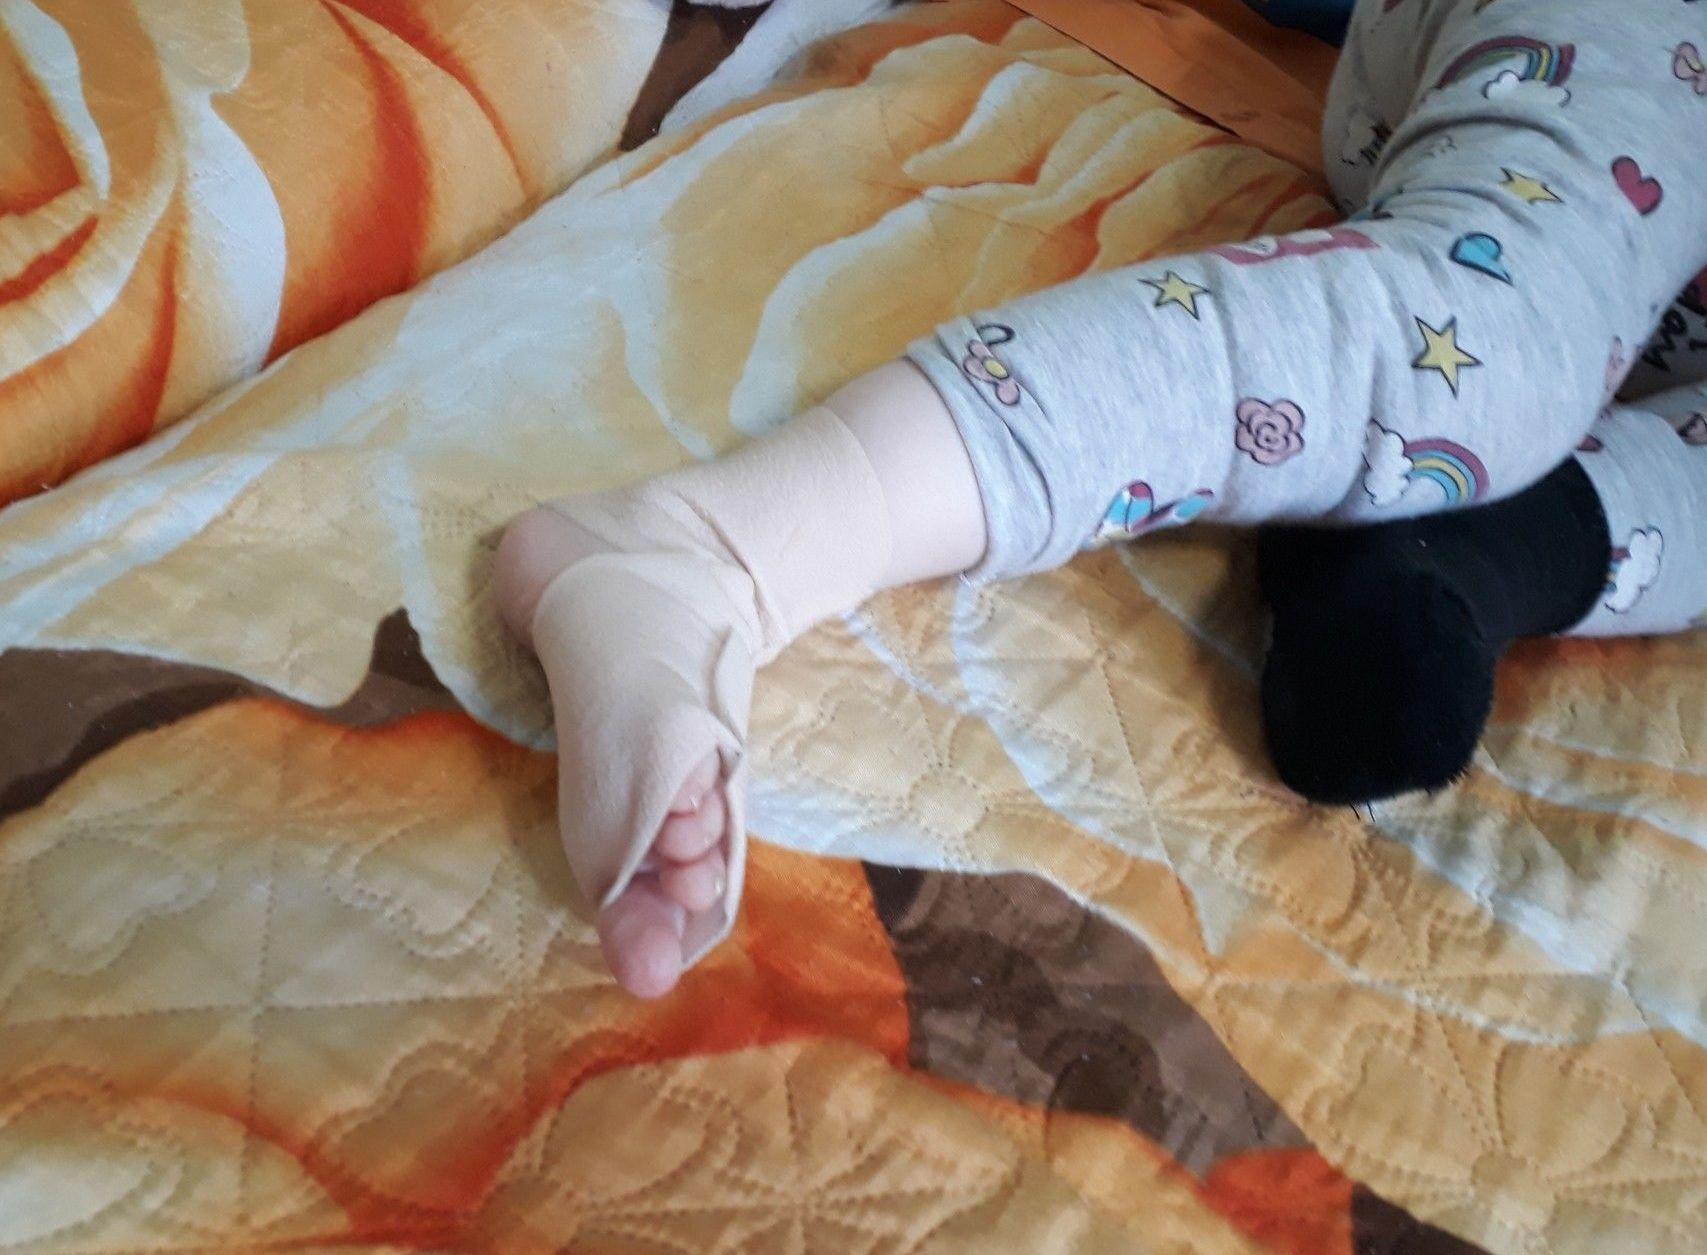 Девочке нужно бинтовать ноги и руки, чтобы избежать травмирования кожи